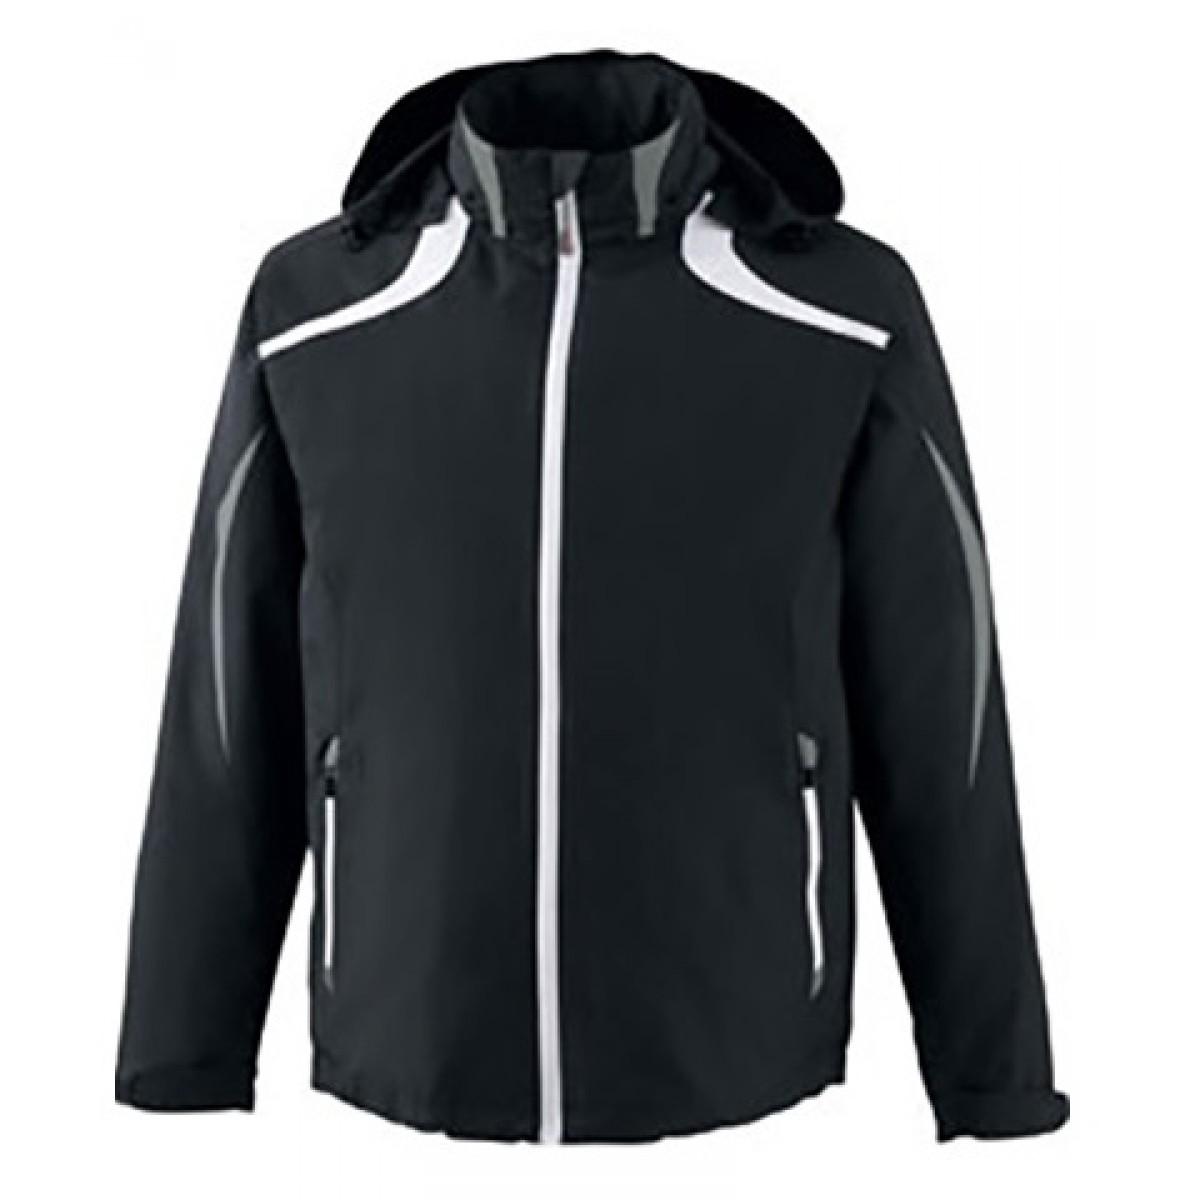 North End Men's Impact Active Lite Colorblock Jacket-Black-2XL